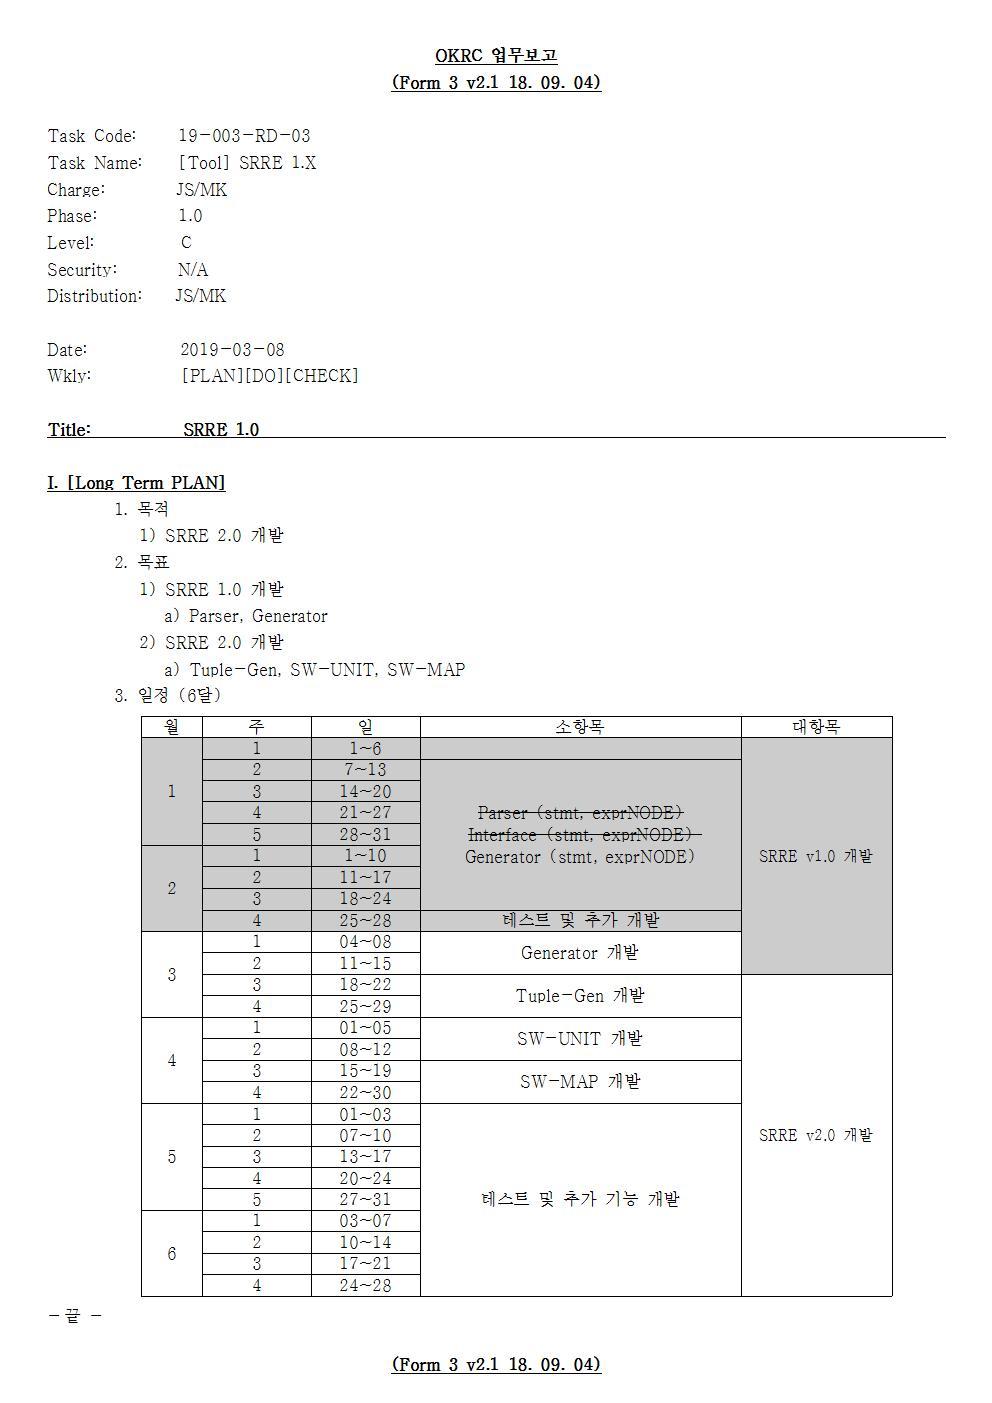 D-[19-003-RD-03]-[Tool-SRRE-1.X]-[2019-03-08][JS]001.jpg